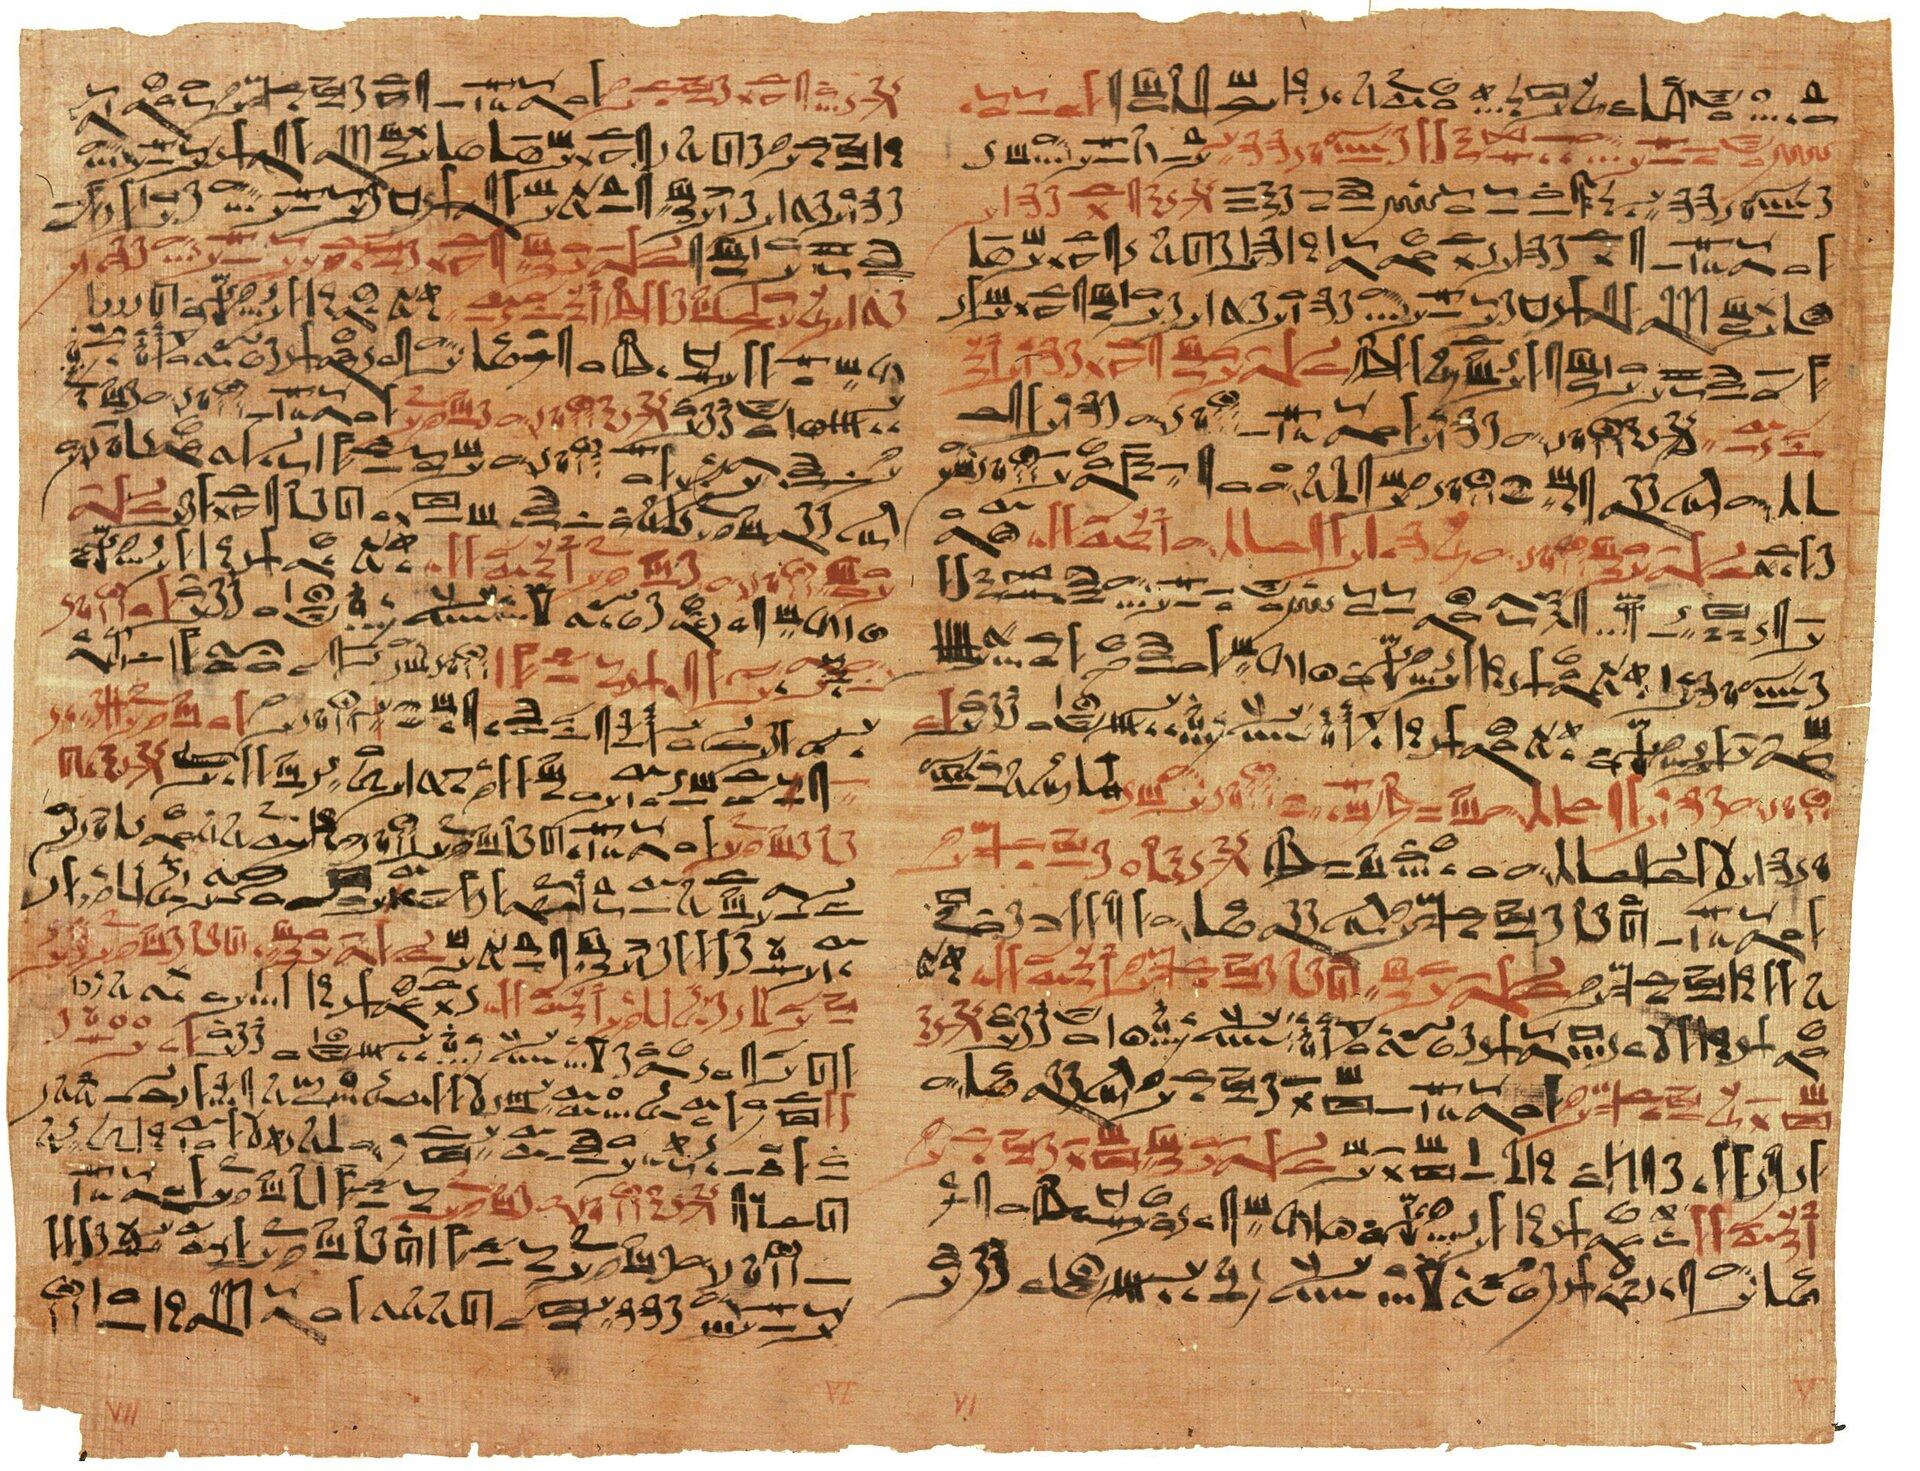 Najstarsze doniesienia oużywaniu mydła pochodzą ze starożytnego Babilonu.Przepis na wytwarzanie mydła odczytano na babilońskiej glinianej tabliczce pochodzącej zok. 2200 roku p.n.e. Podobnie na egipskich papirusach, pochodzących z1500 roku p.n.e., odkryto zapisy mówiące otym, że starożytni Egipcjanie regularnie korzystali zkąpieli, do której używali mydła wytwarzanego ztłuszczów zwierzęcych iroślinnych.